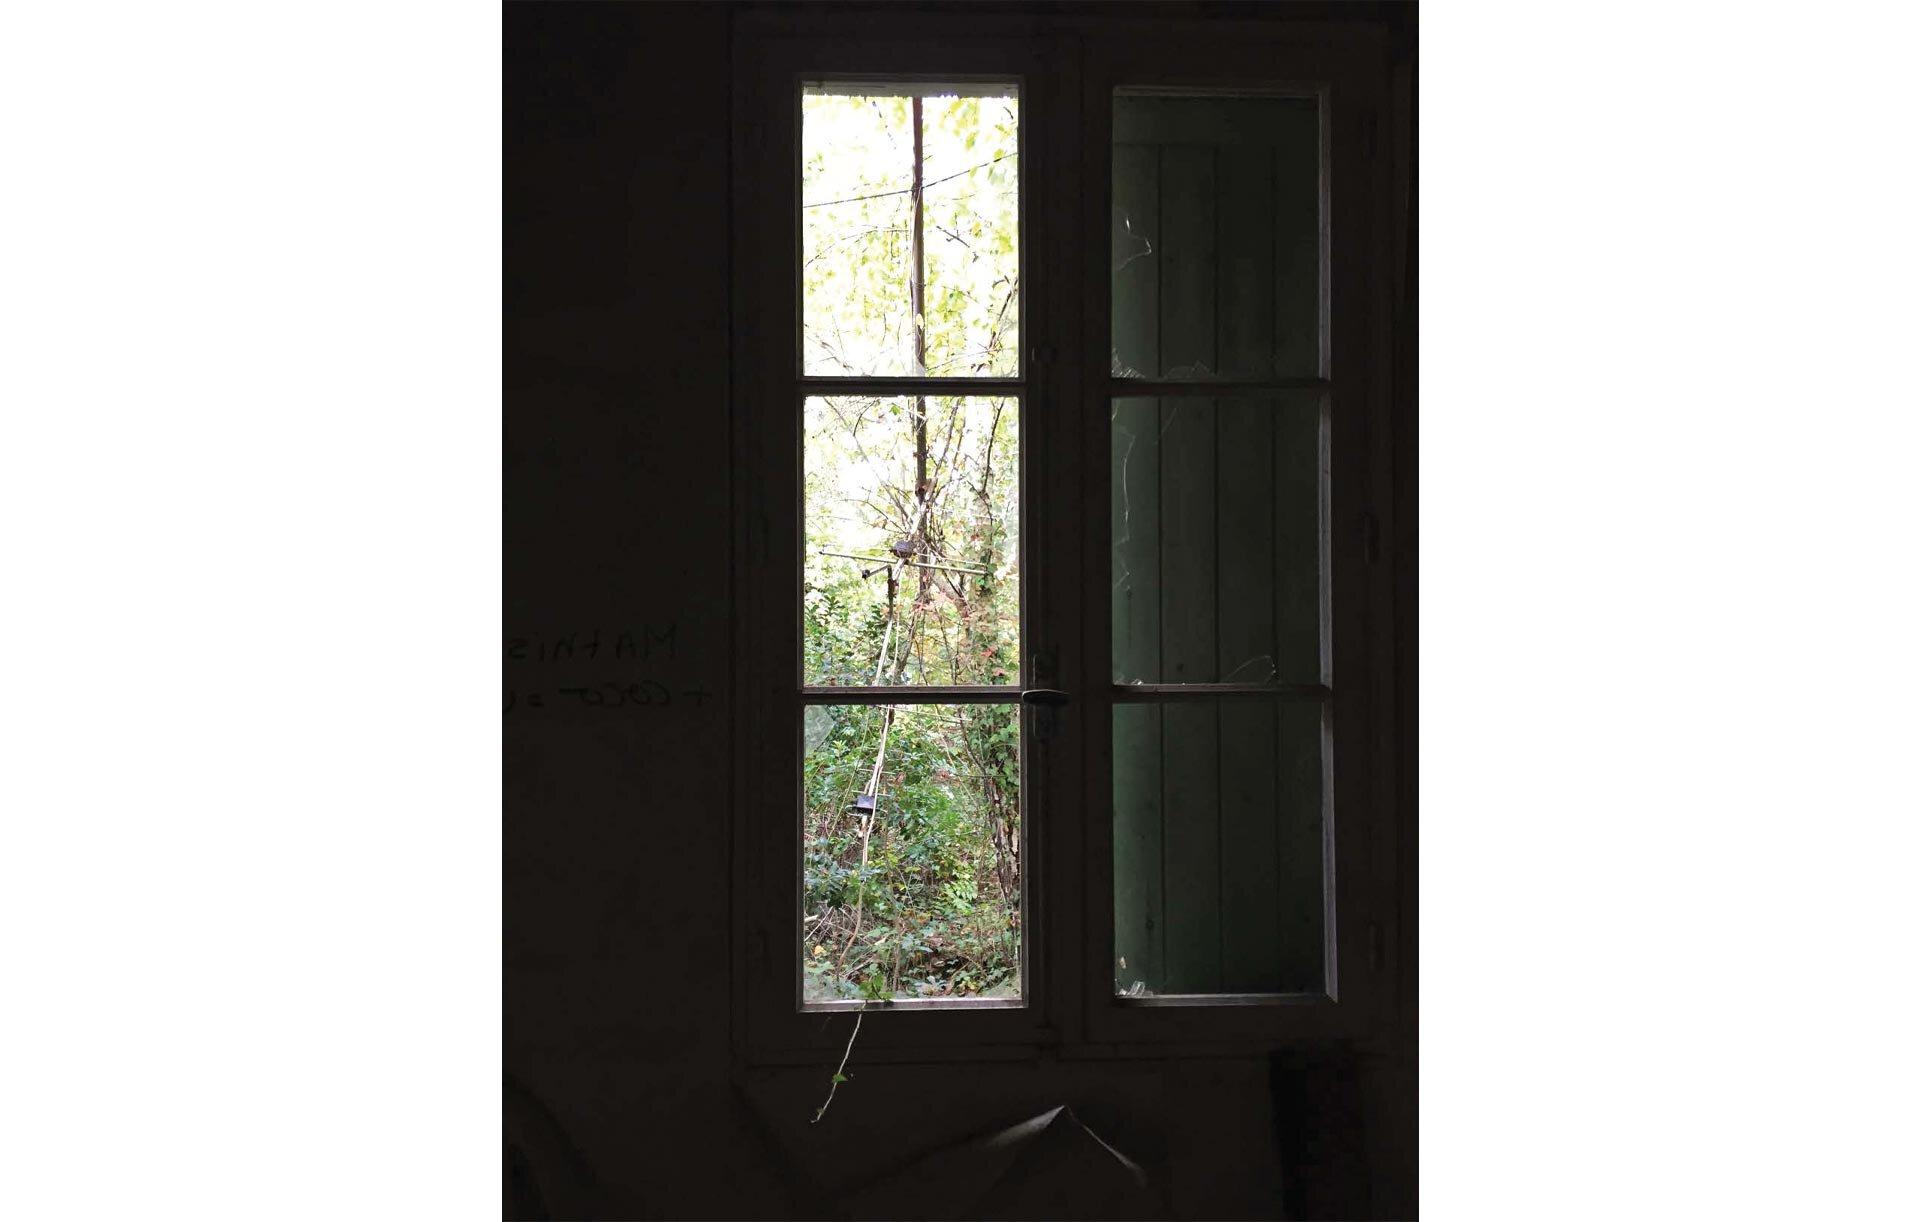 Plante pénétrant dans une pièce par une fenêtre brisée.